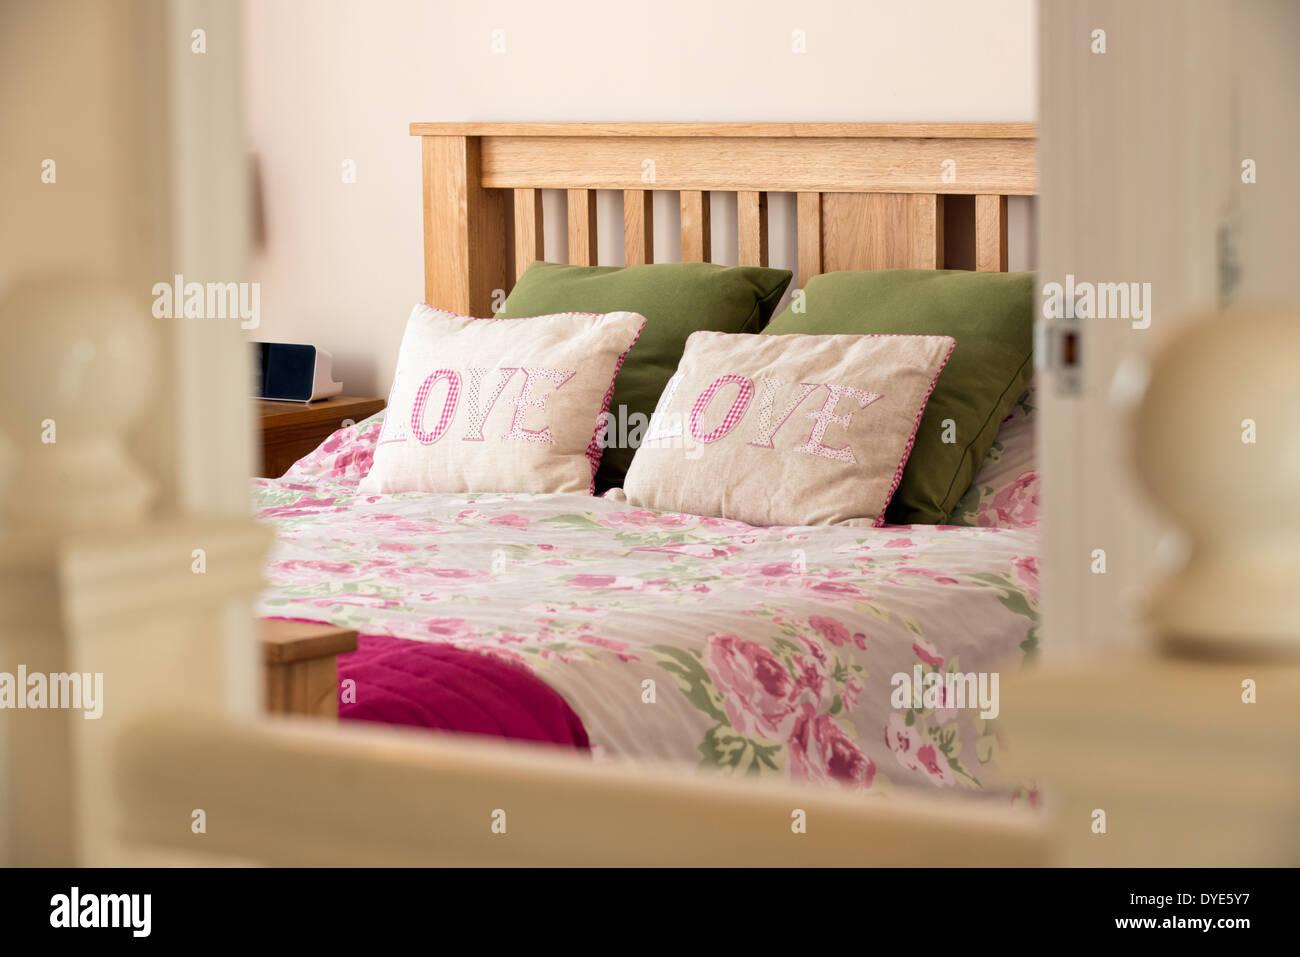 Una imagen de estilo de vida de una cama en un dormitorio acogedor con almohadas bordadas con la palabra amor a Foto de stock